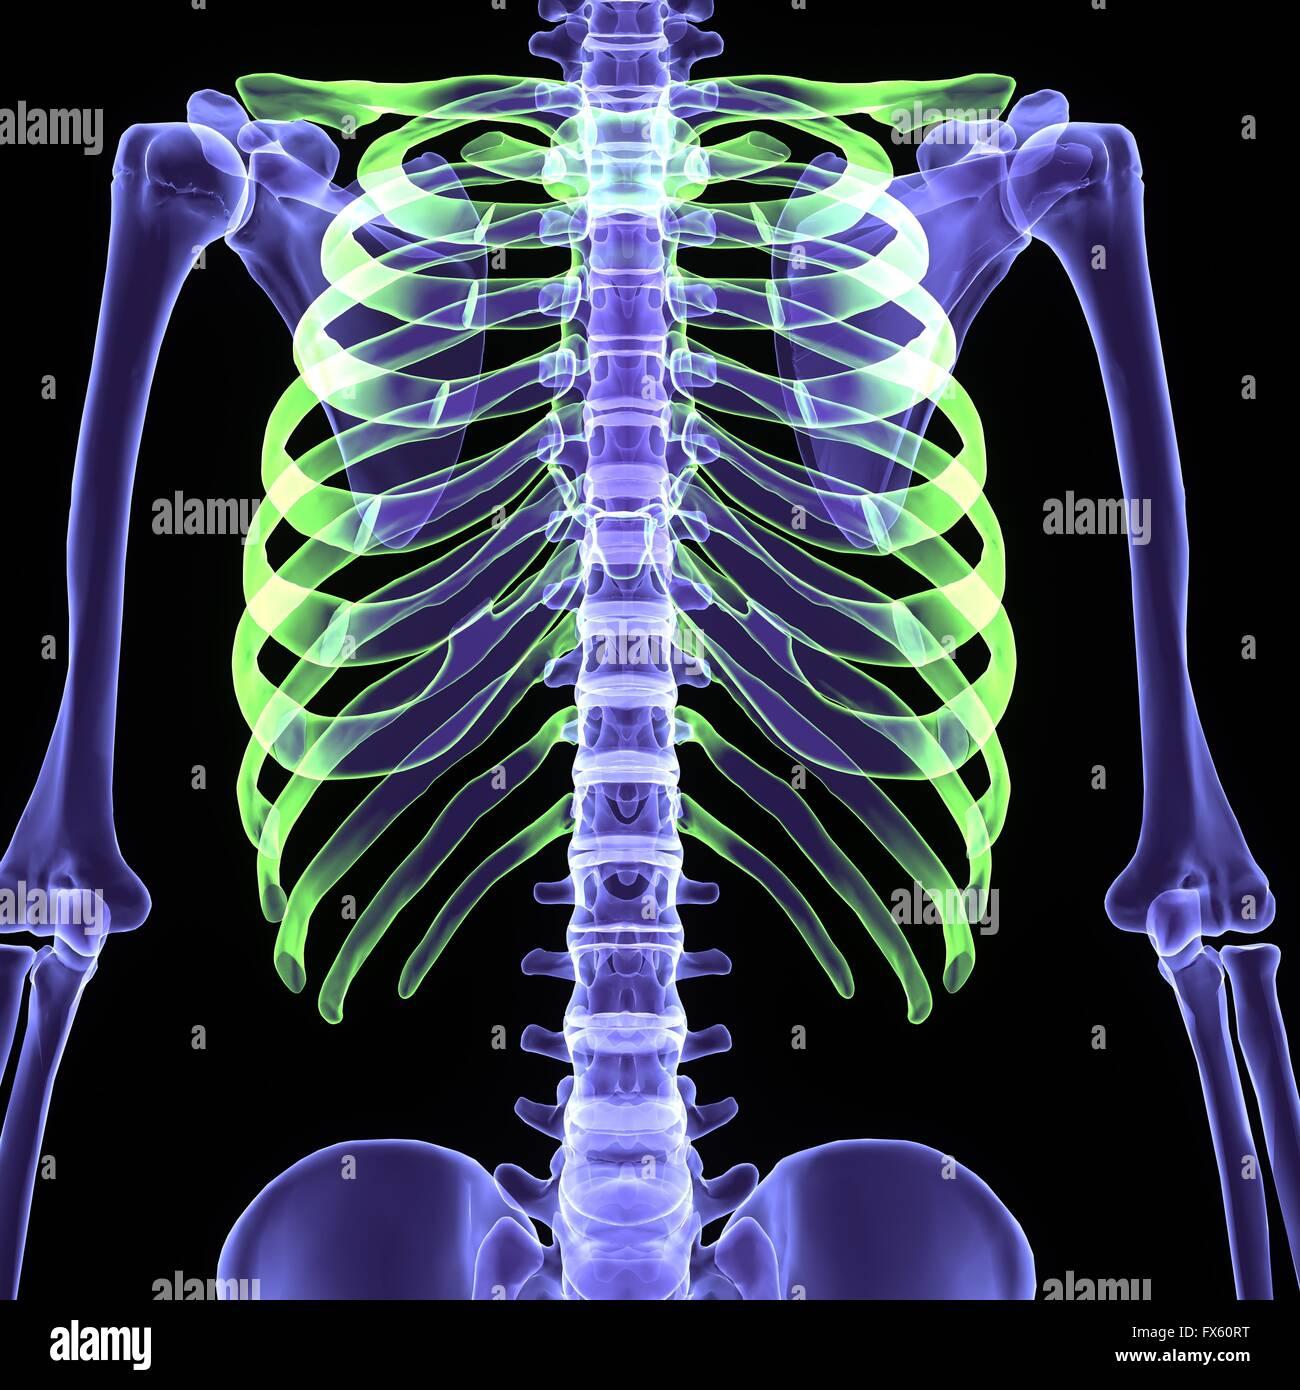 Röntgen Skelett Körper Stockfoto, Bild: 102165276 - Alamy